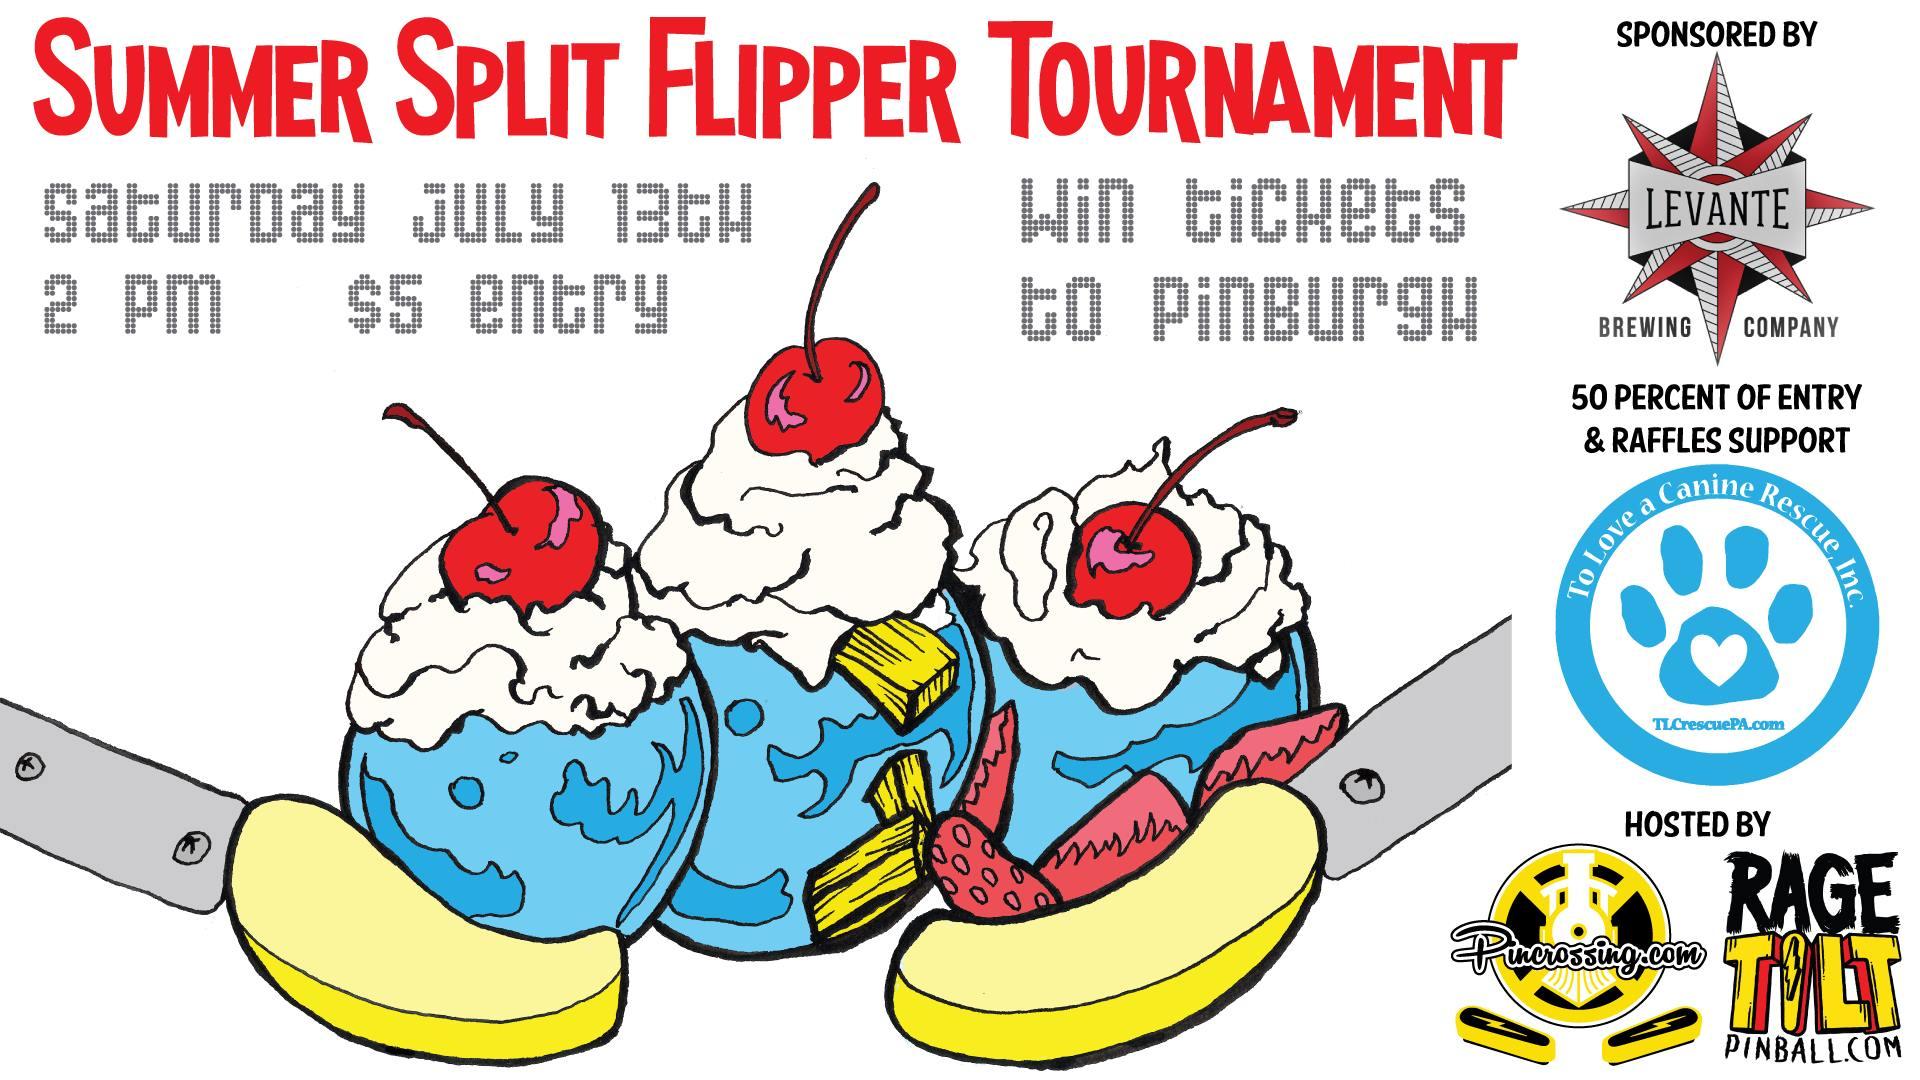 Summer Split Flipper Tournament.jpg